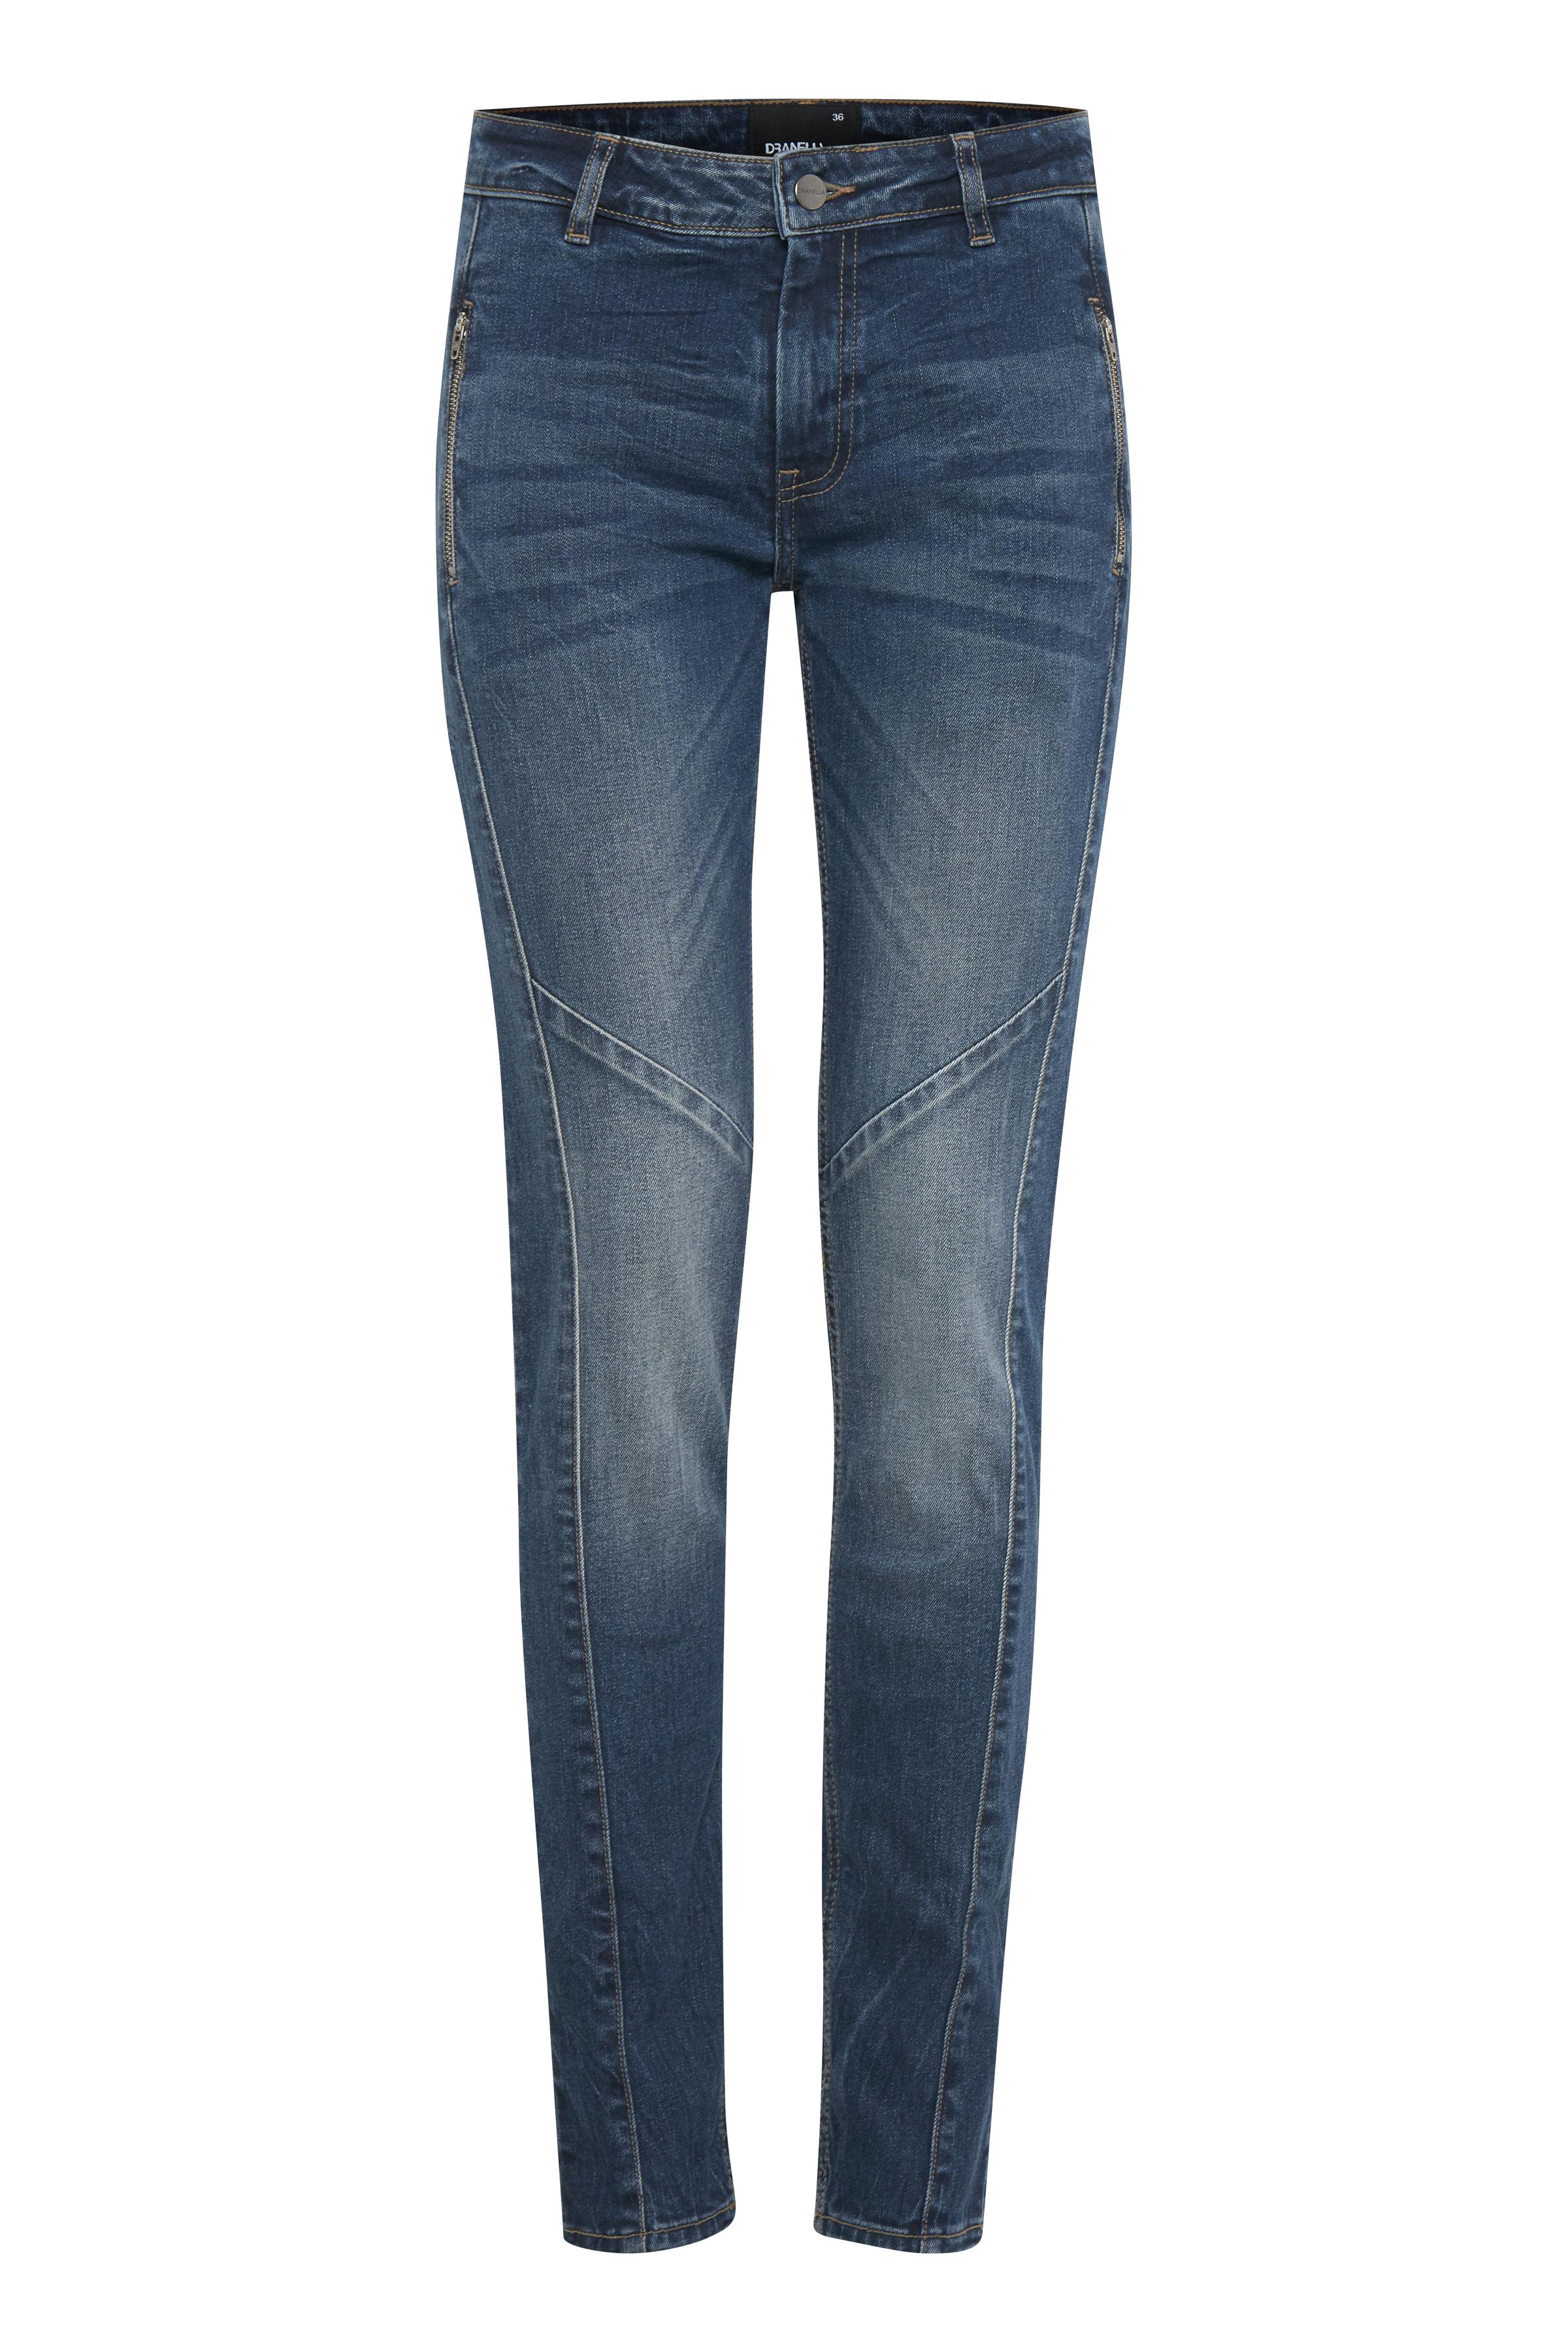 Denimblå Jeans fra Dranella – Køb Denimblå Jeans fra str. 32-46 her